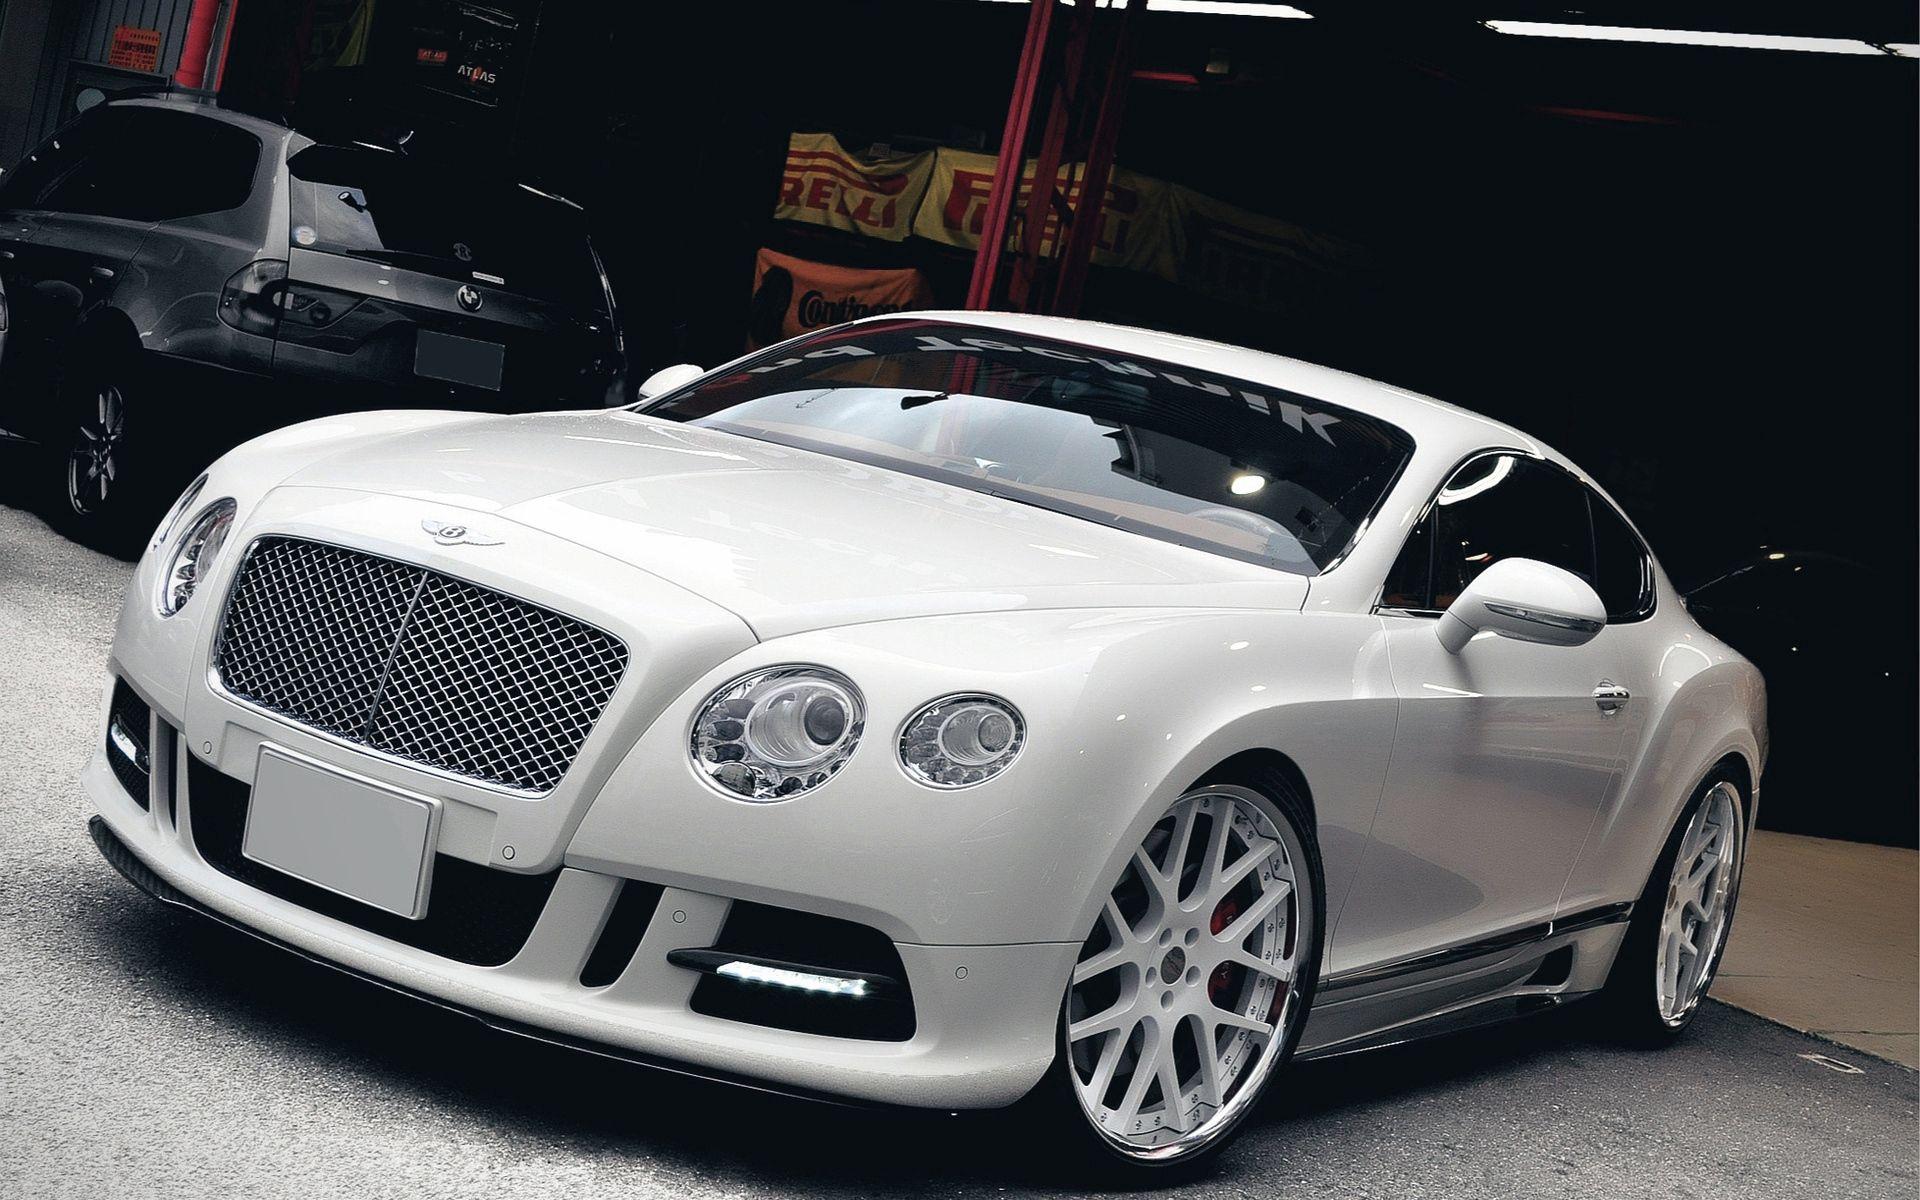 68869 скачать обои Тачки (Cars), Машины, Тюнинг, Бэнтли (Bentley), Гараж - заставки и картинки бесплатно